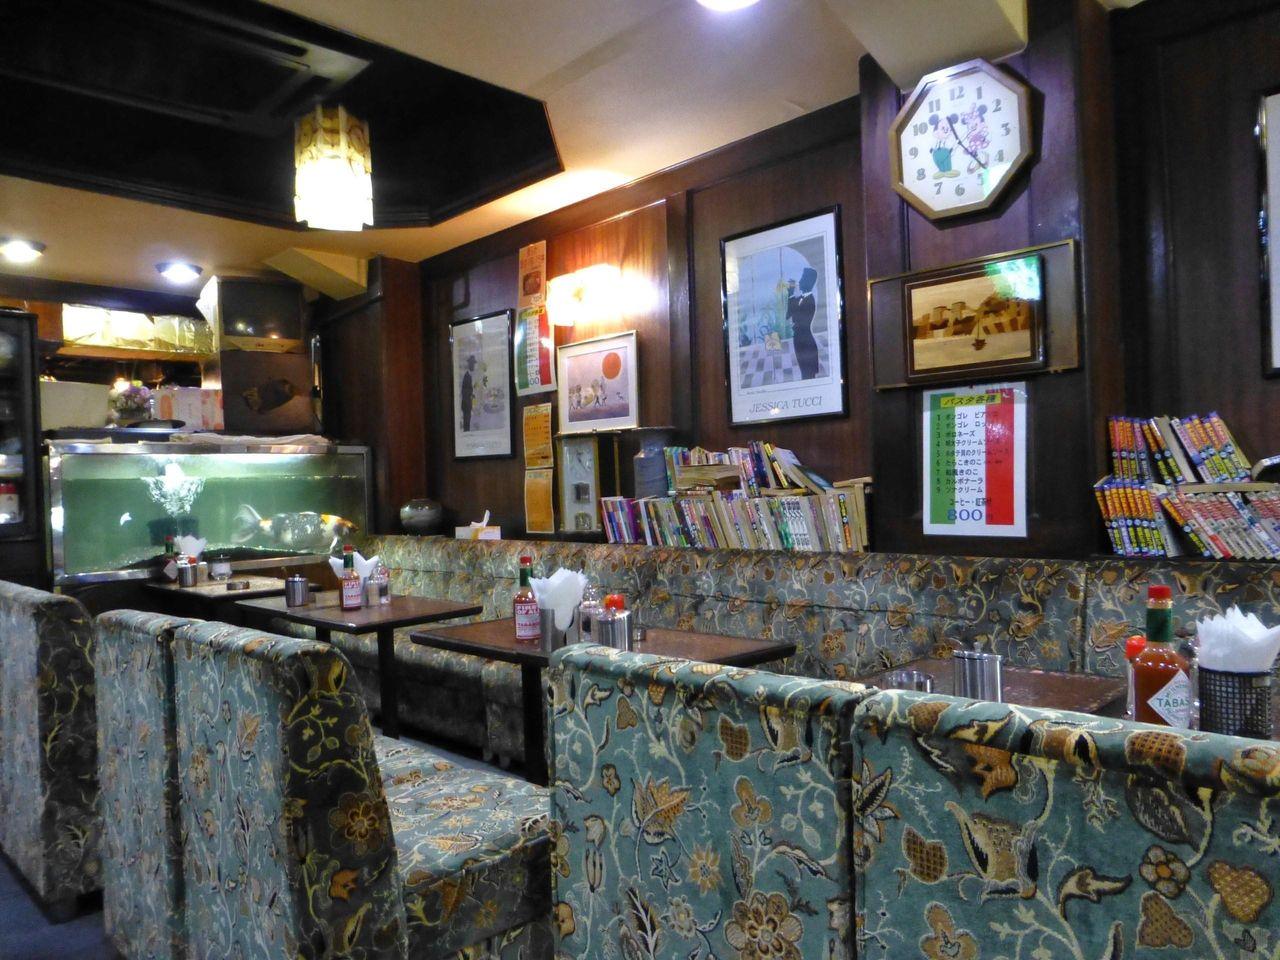 スナック風の店内は、まさに昭和という雰囲気!